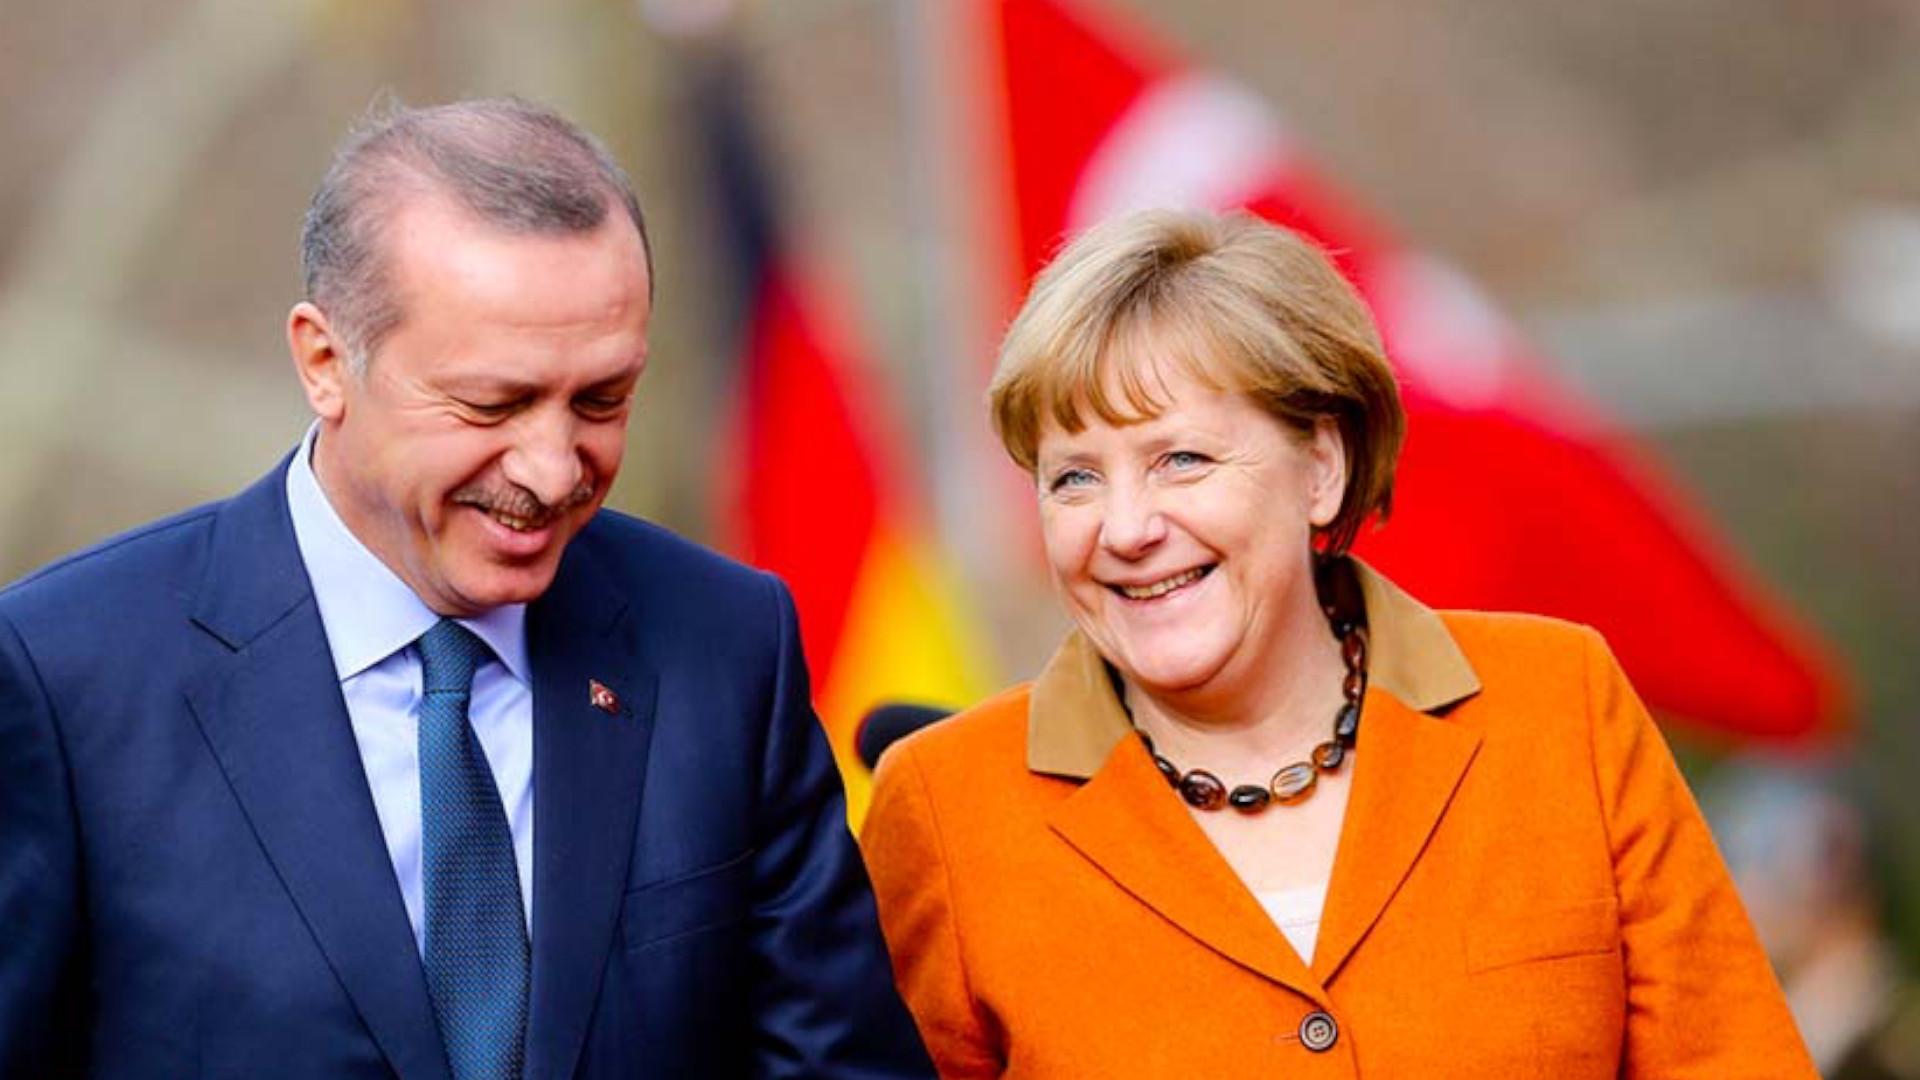 Merkel's farewell gift to Erdoğan